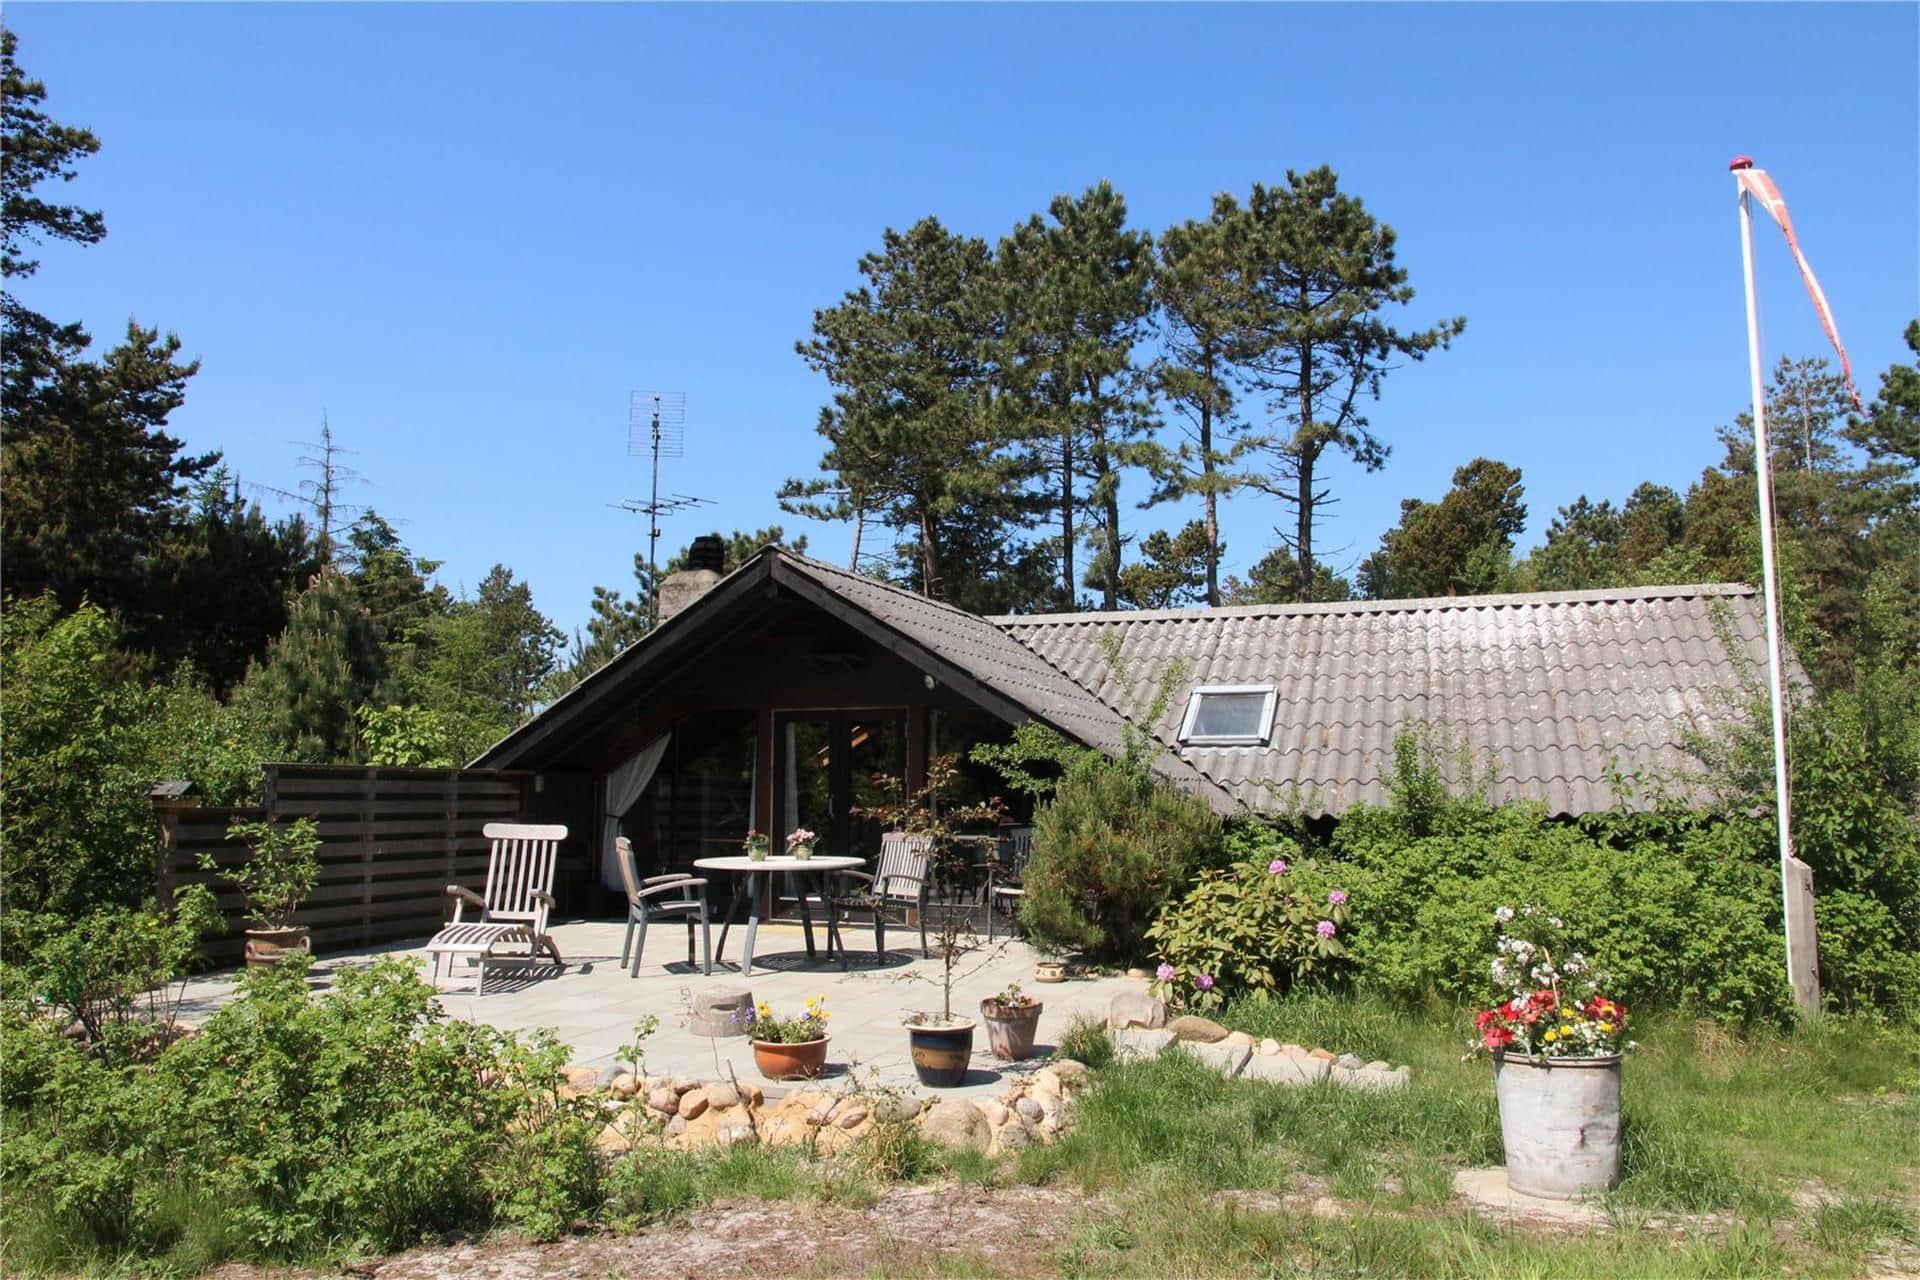 Bild 1-11 Ferienhaus 0360, Stormengevej 18, DK - 6792 Rømø